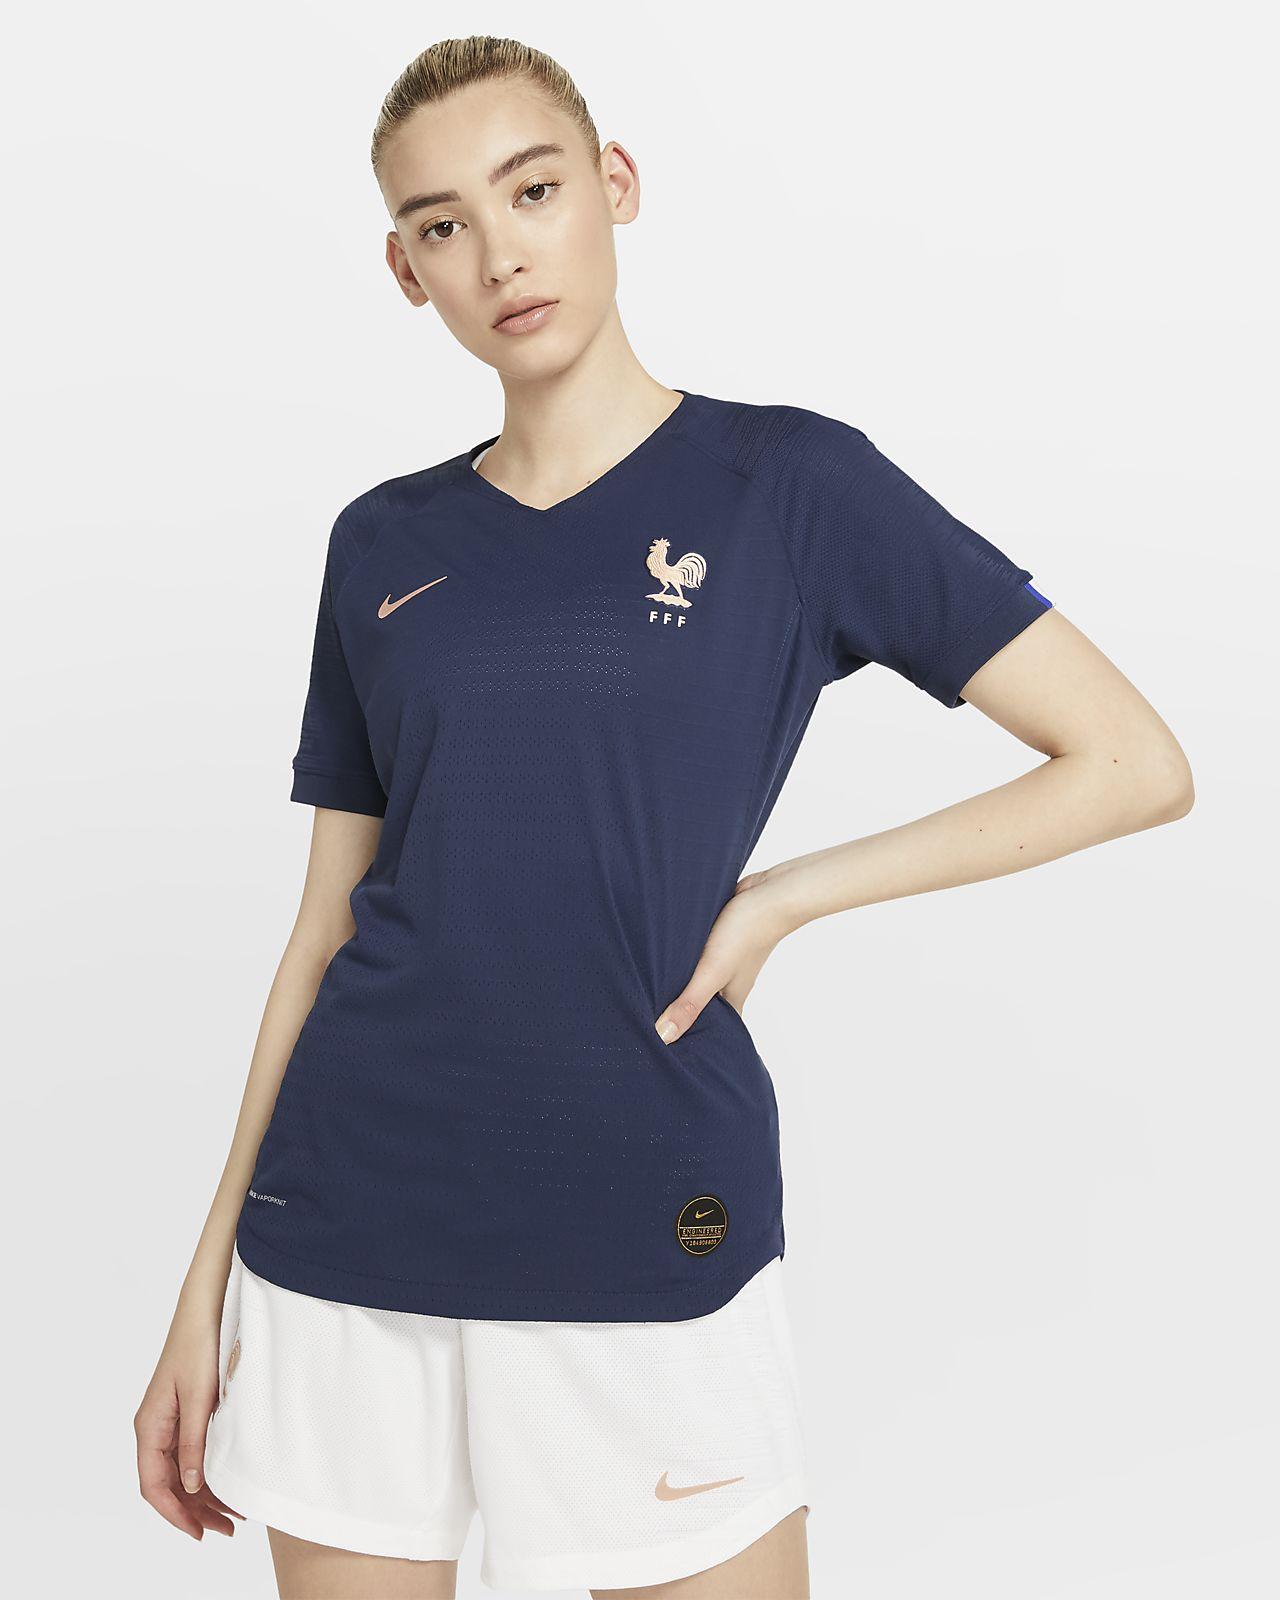 FFF 2019 Vapor Match Home - fodboldtrøje til kvinder